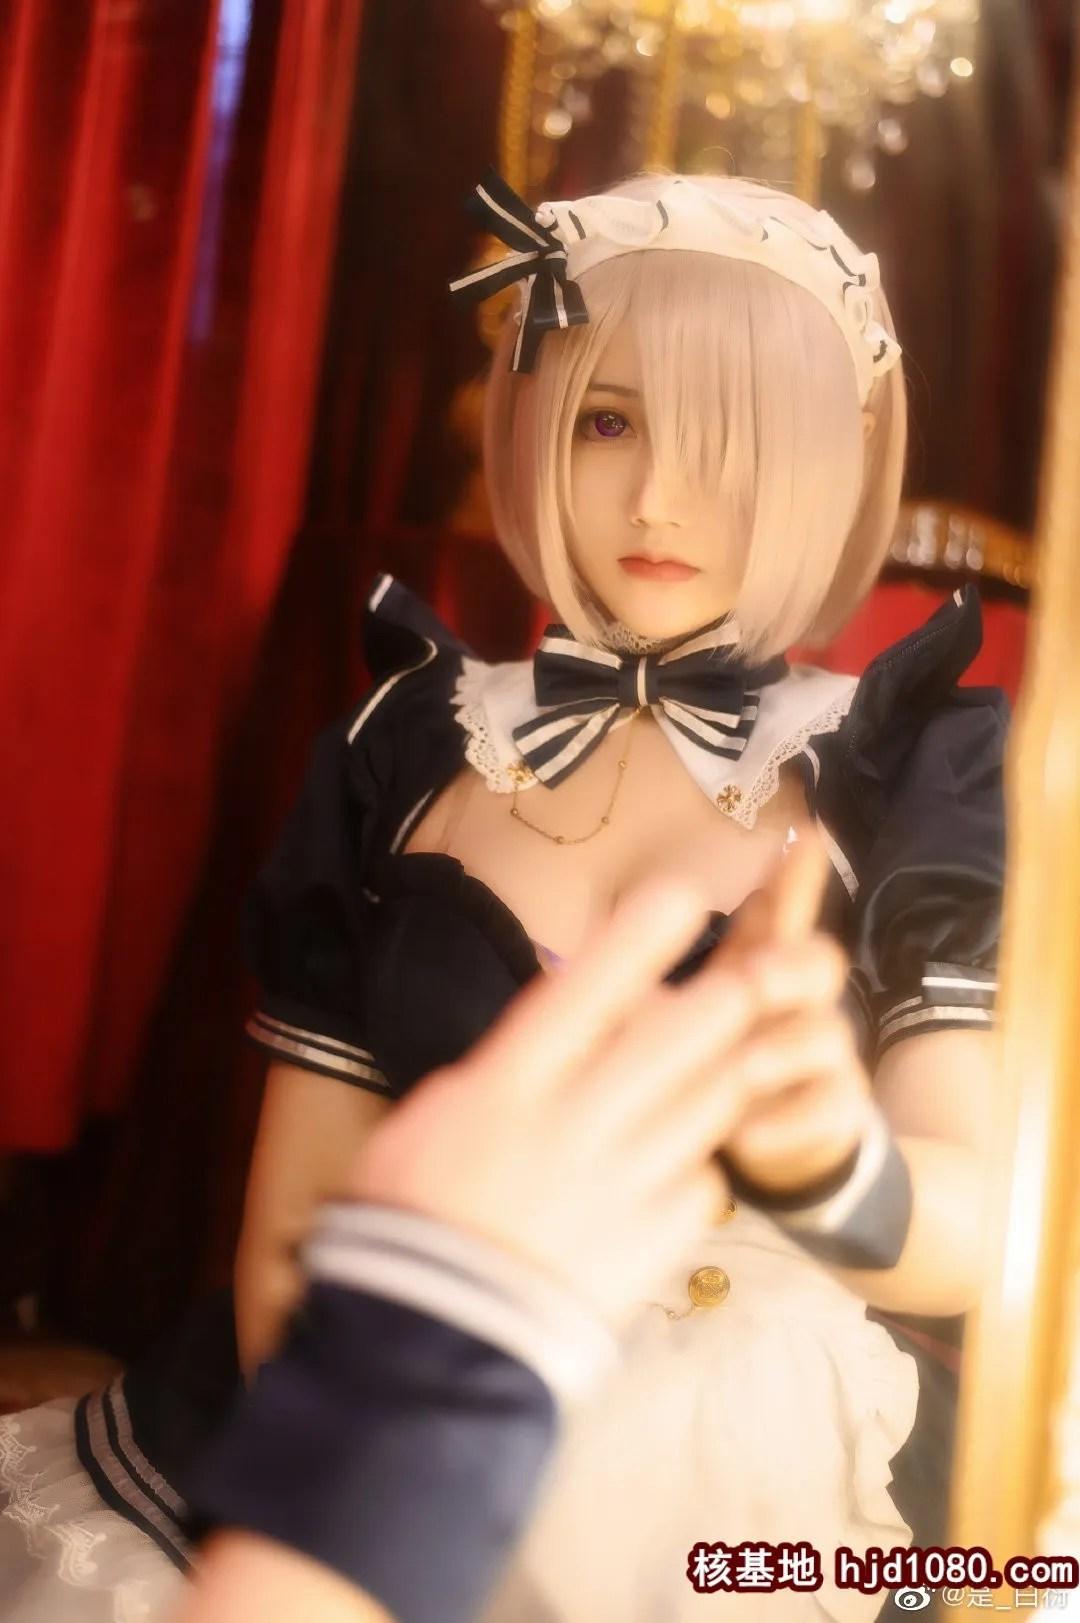 图片[4] - FGO 玛修·基列莱特 同人女仆 @是_白衍 (10P) - 唯独你没懂